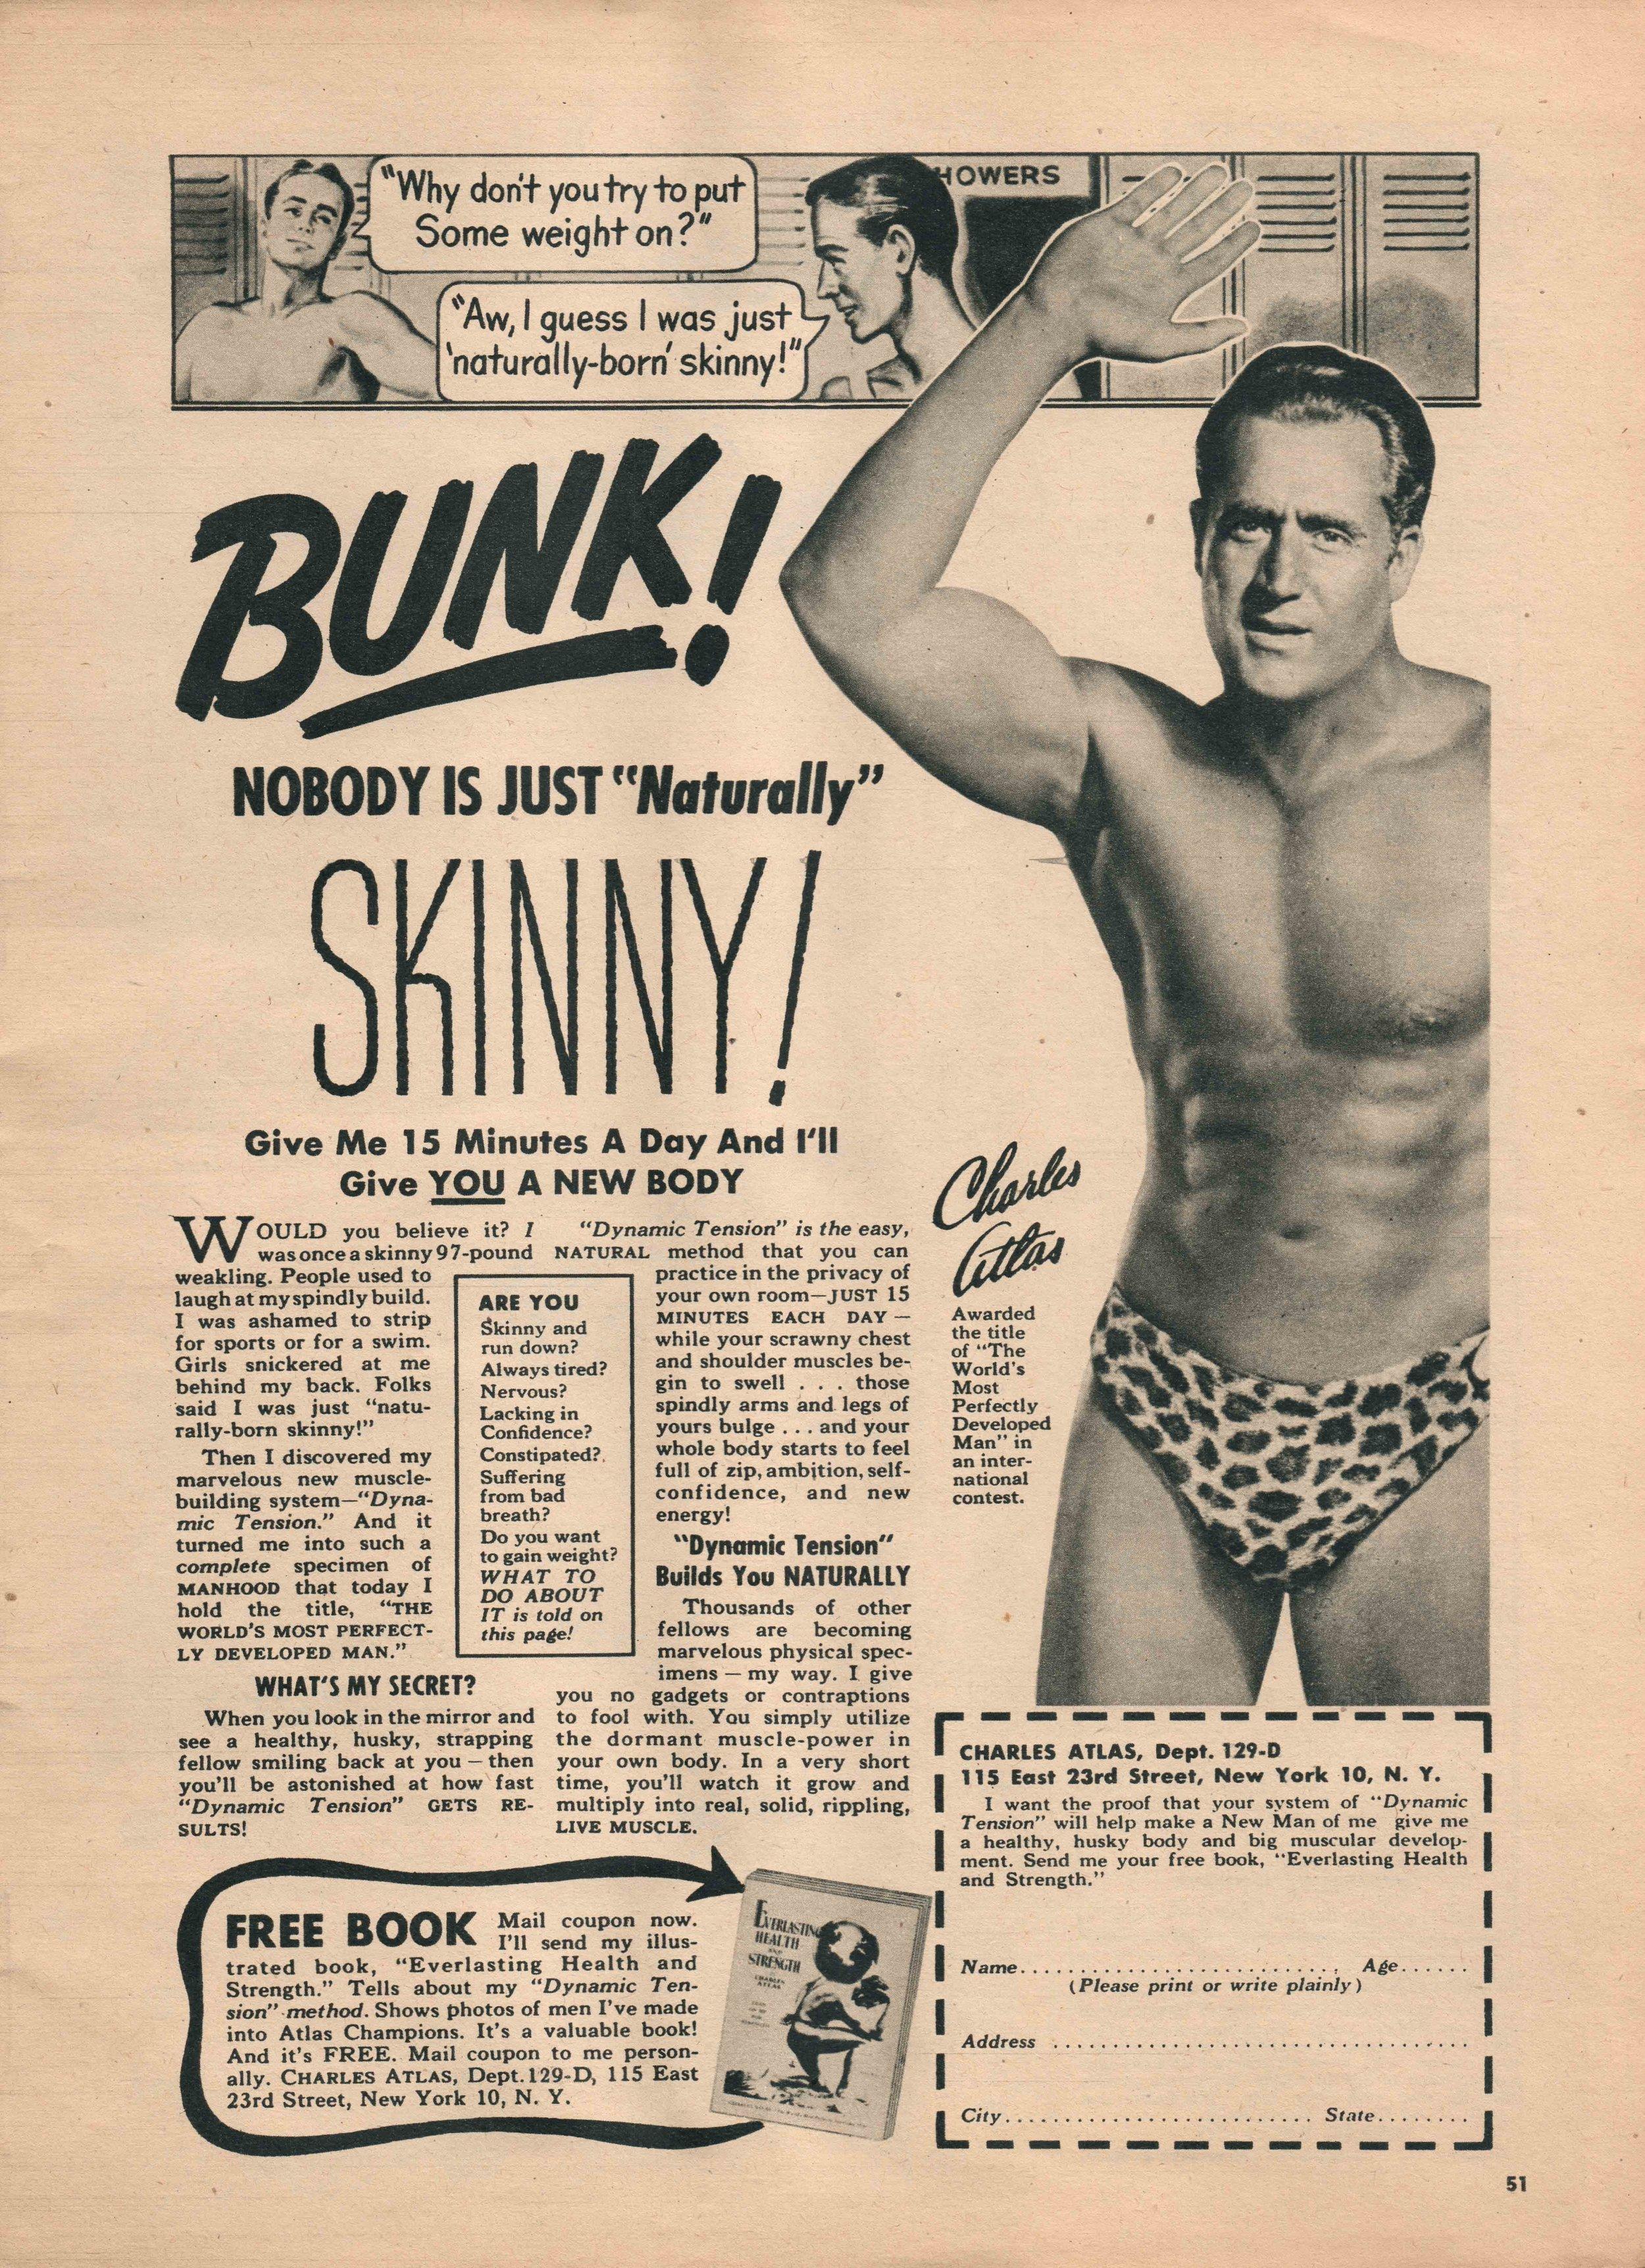 bunk-ad.jpg